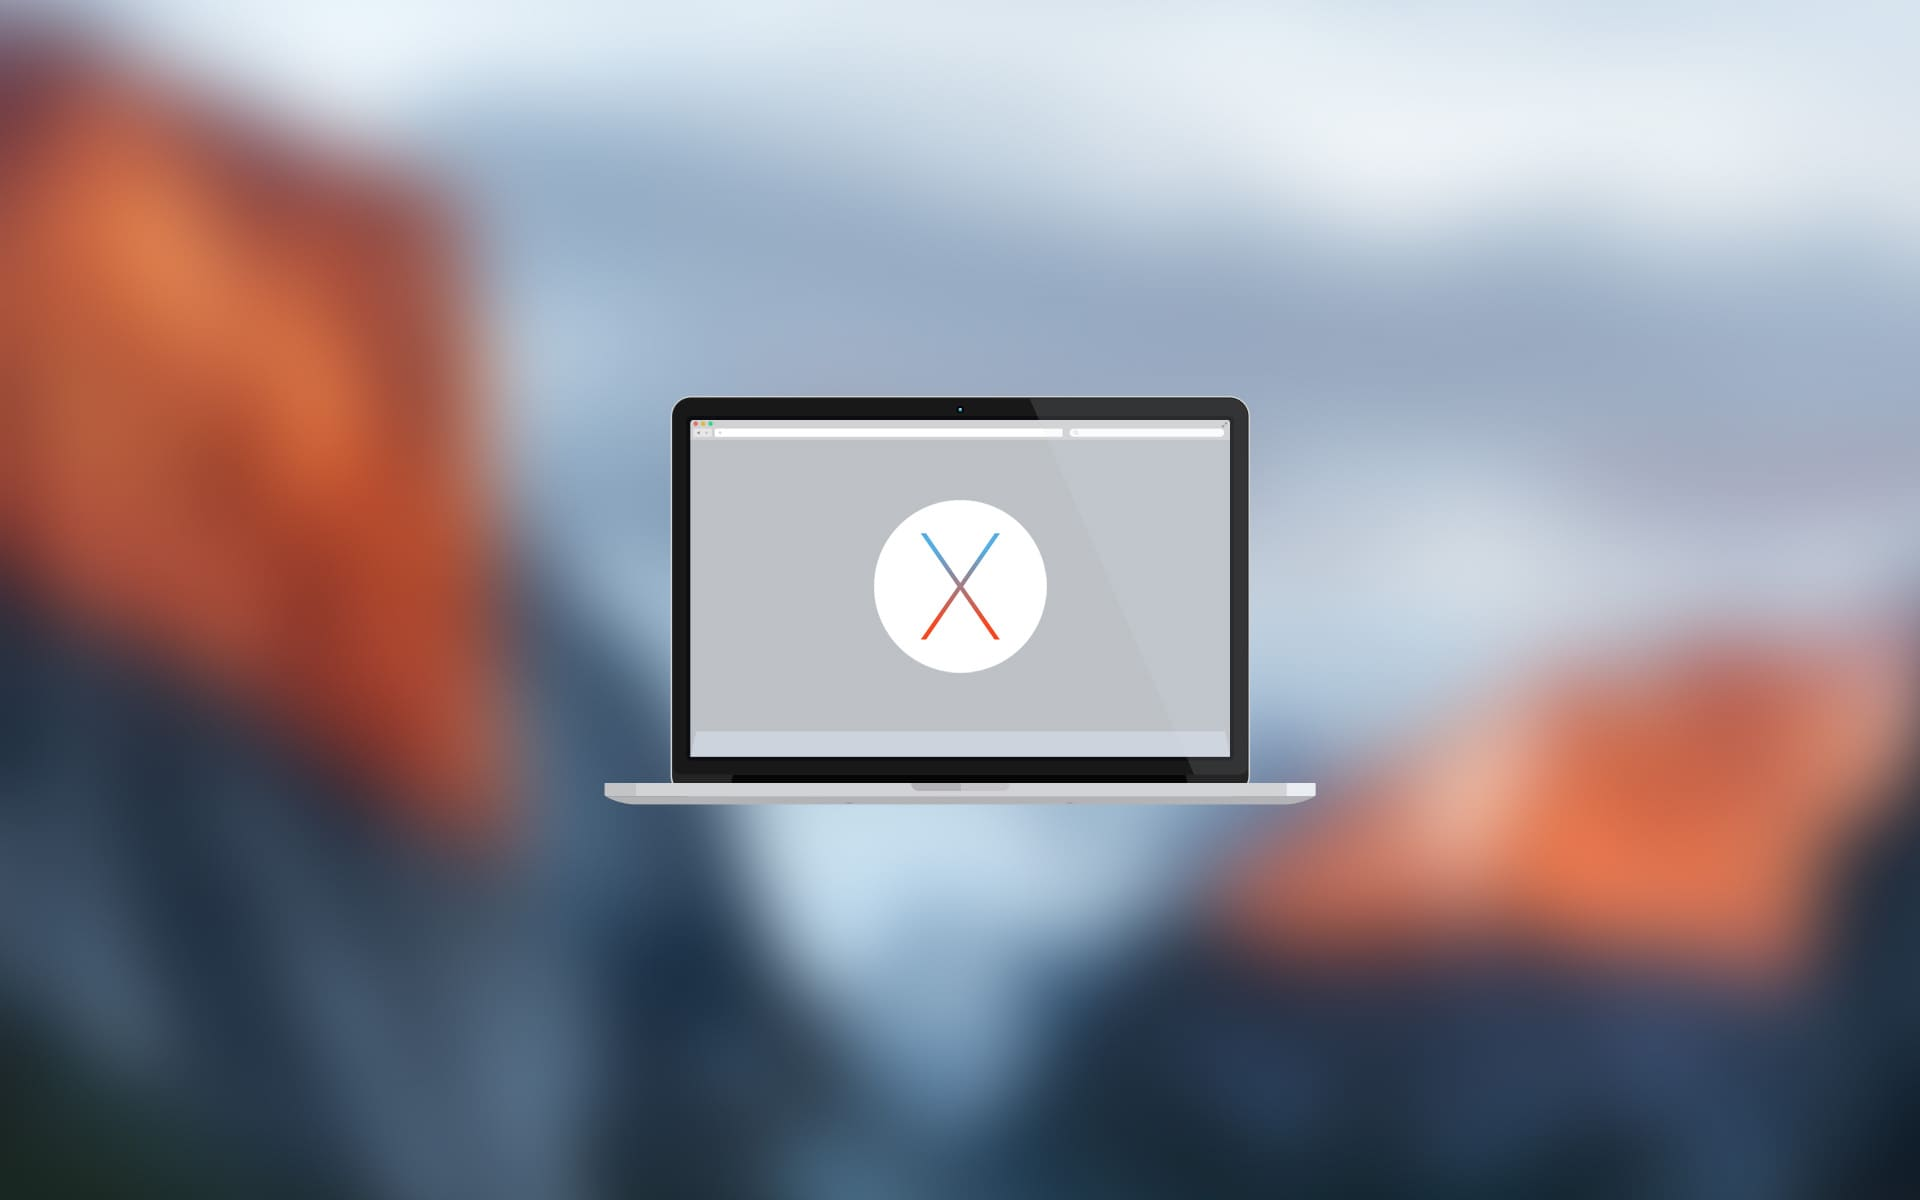 El Capitan (10.11.6) でのメールデータの移行とバックアップの方法